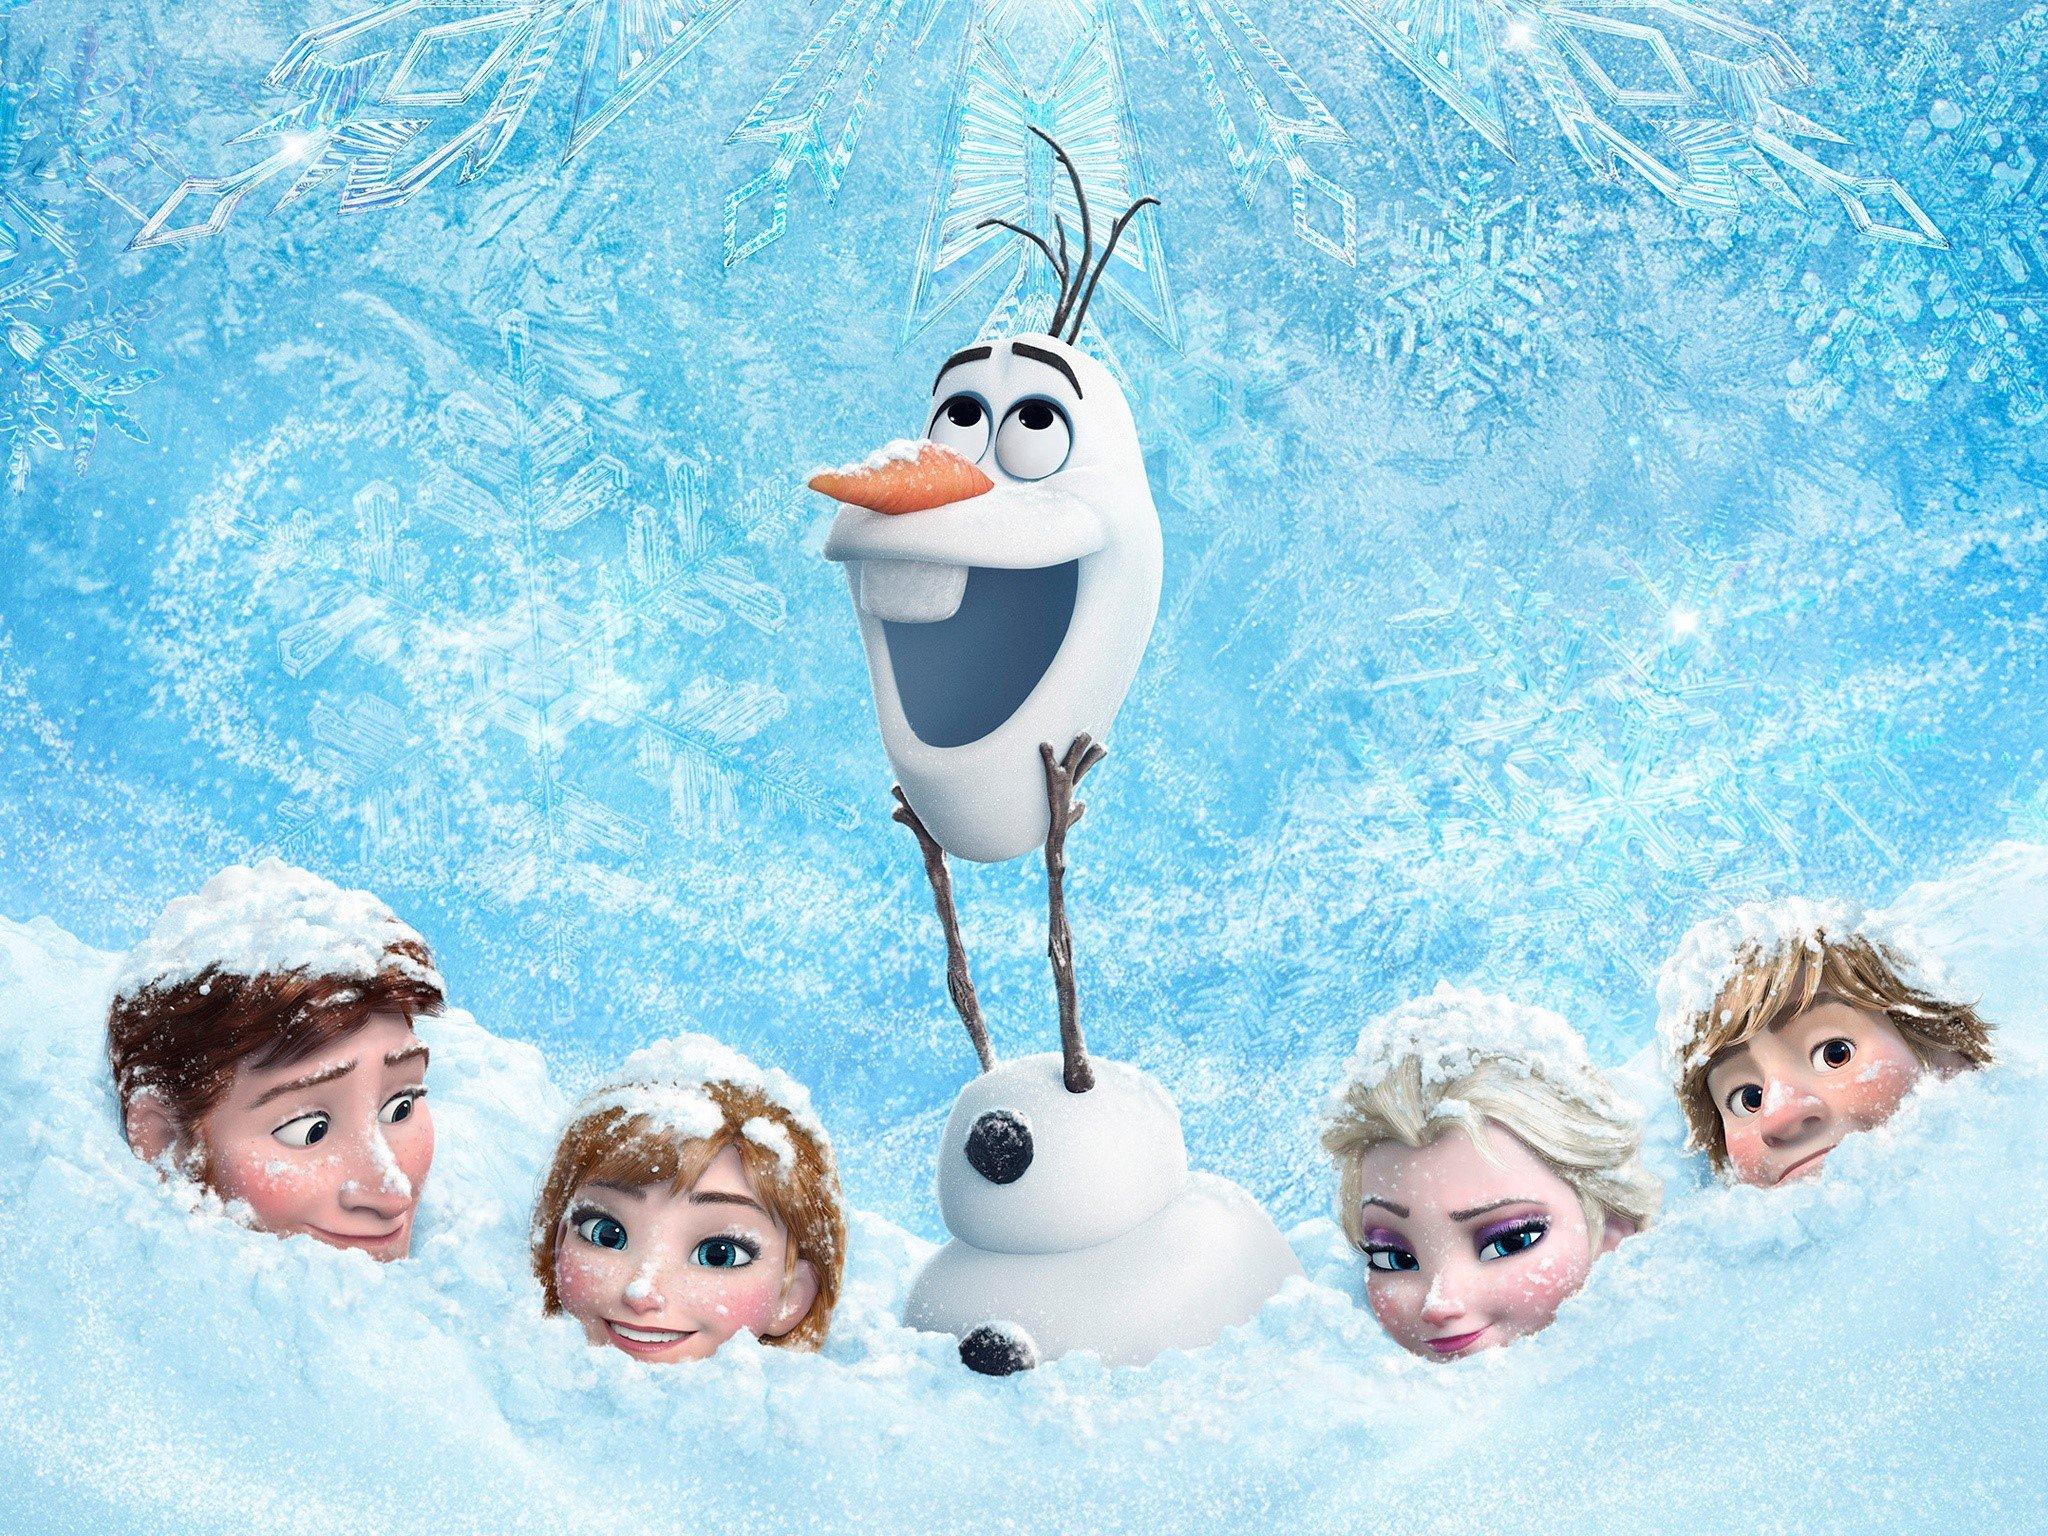 Fondos de pantalla Frozen